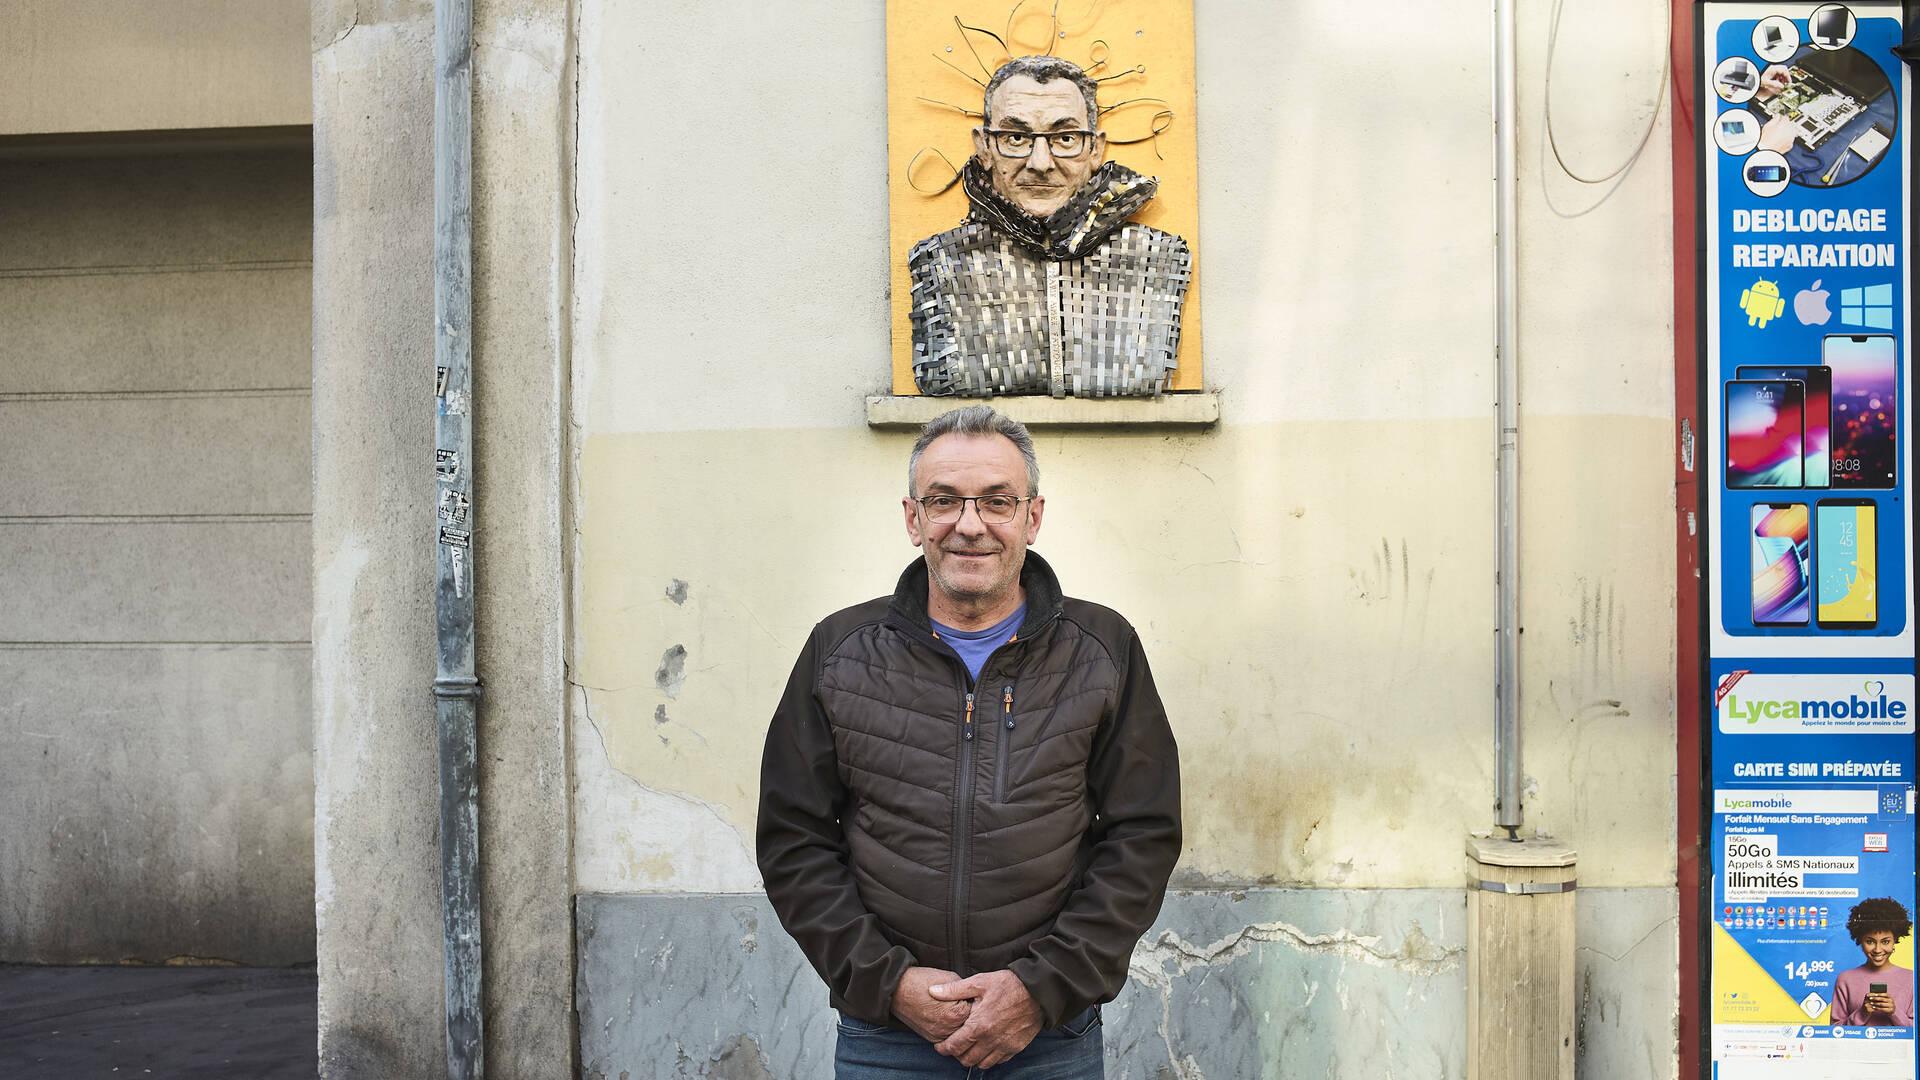 Eusebio devant l'œuvre de Marie-Aimée Fattouche - crédit Bruno Levy pour In SSD